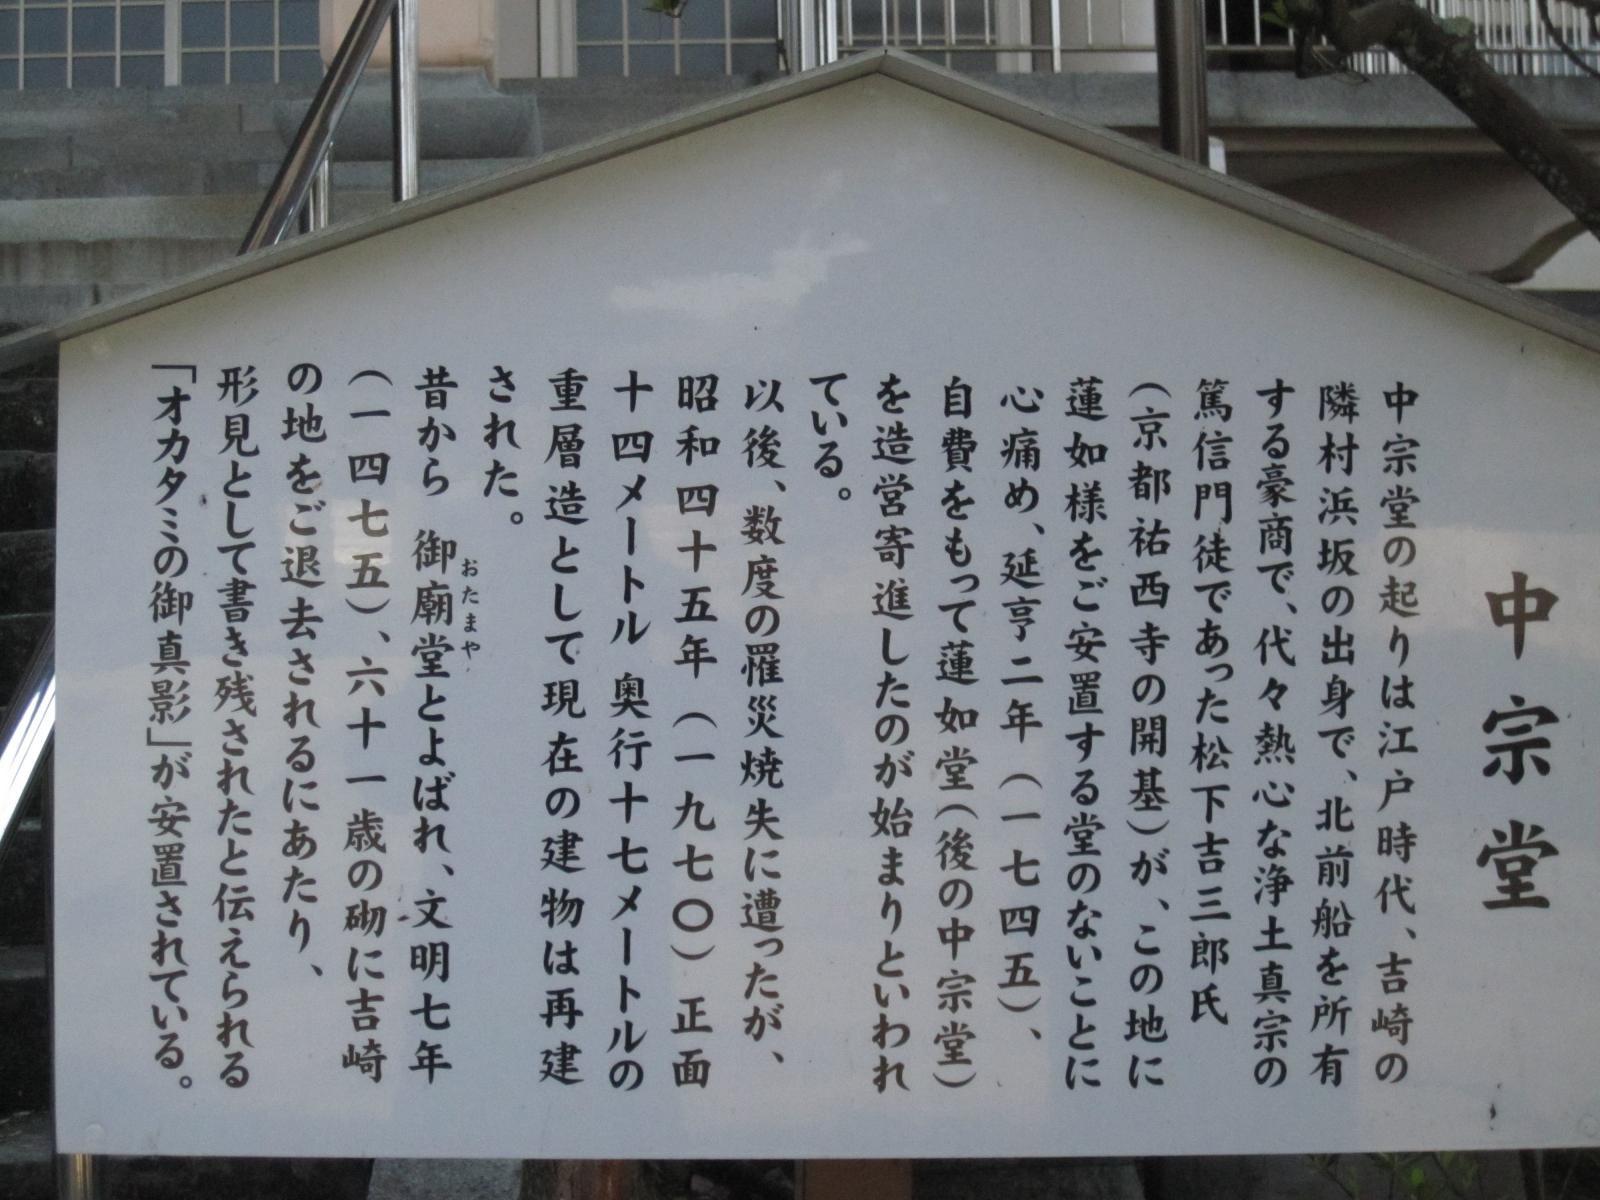 本願寺派吉崎別院(西別院)